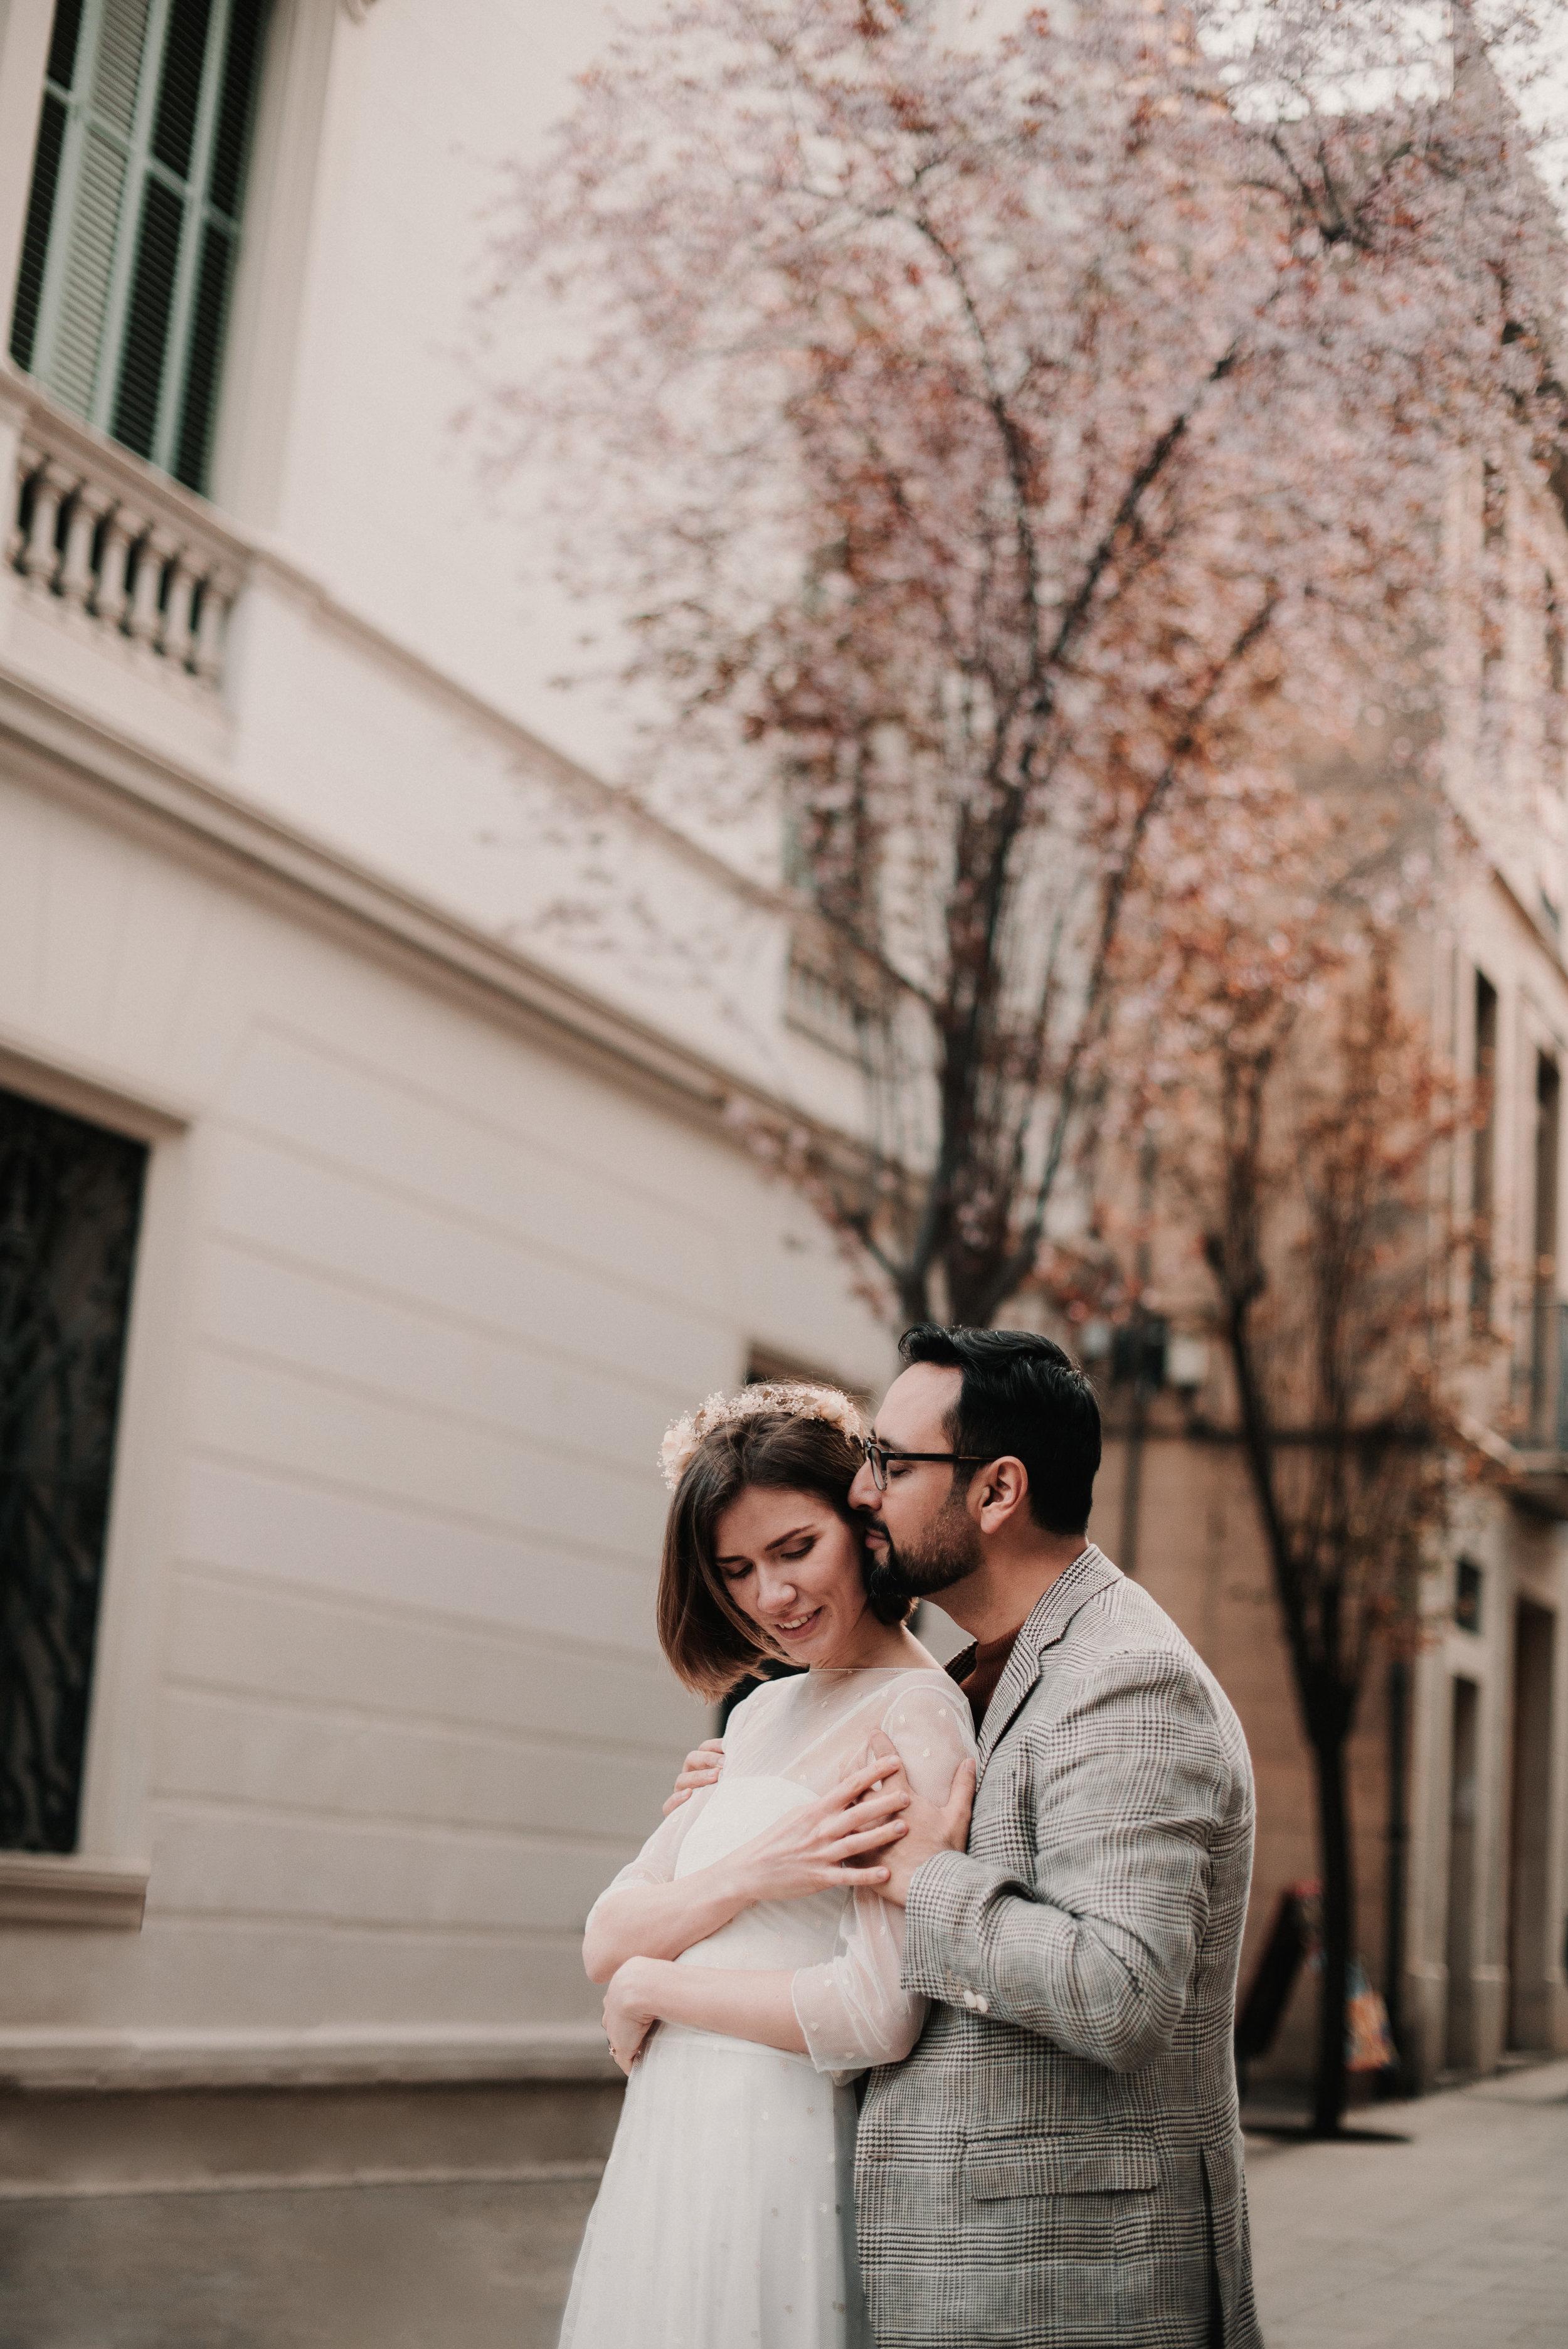 Léa-Fery-photographe-professionnel-lyon-rhone-alpes-portrait-creation-mariage-evenement-evenementiel-famille-2.jpg